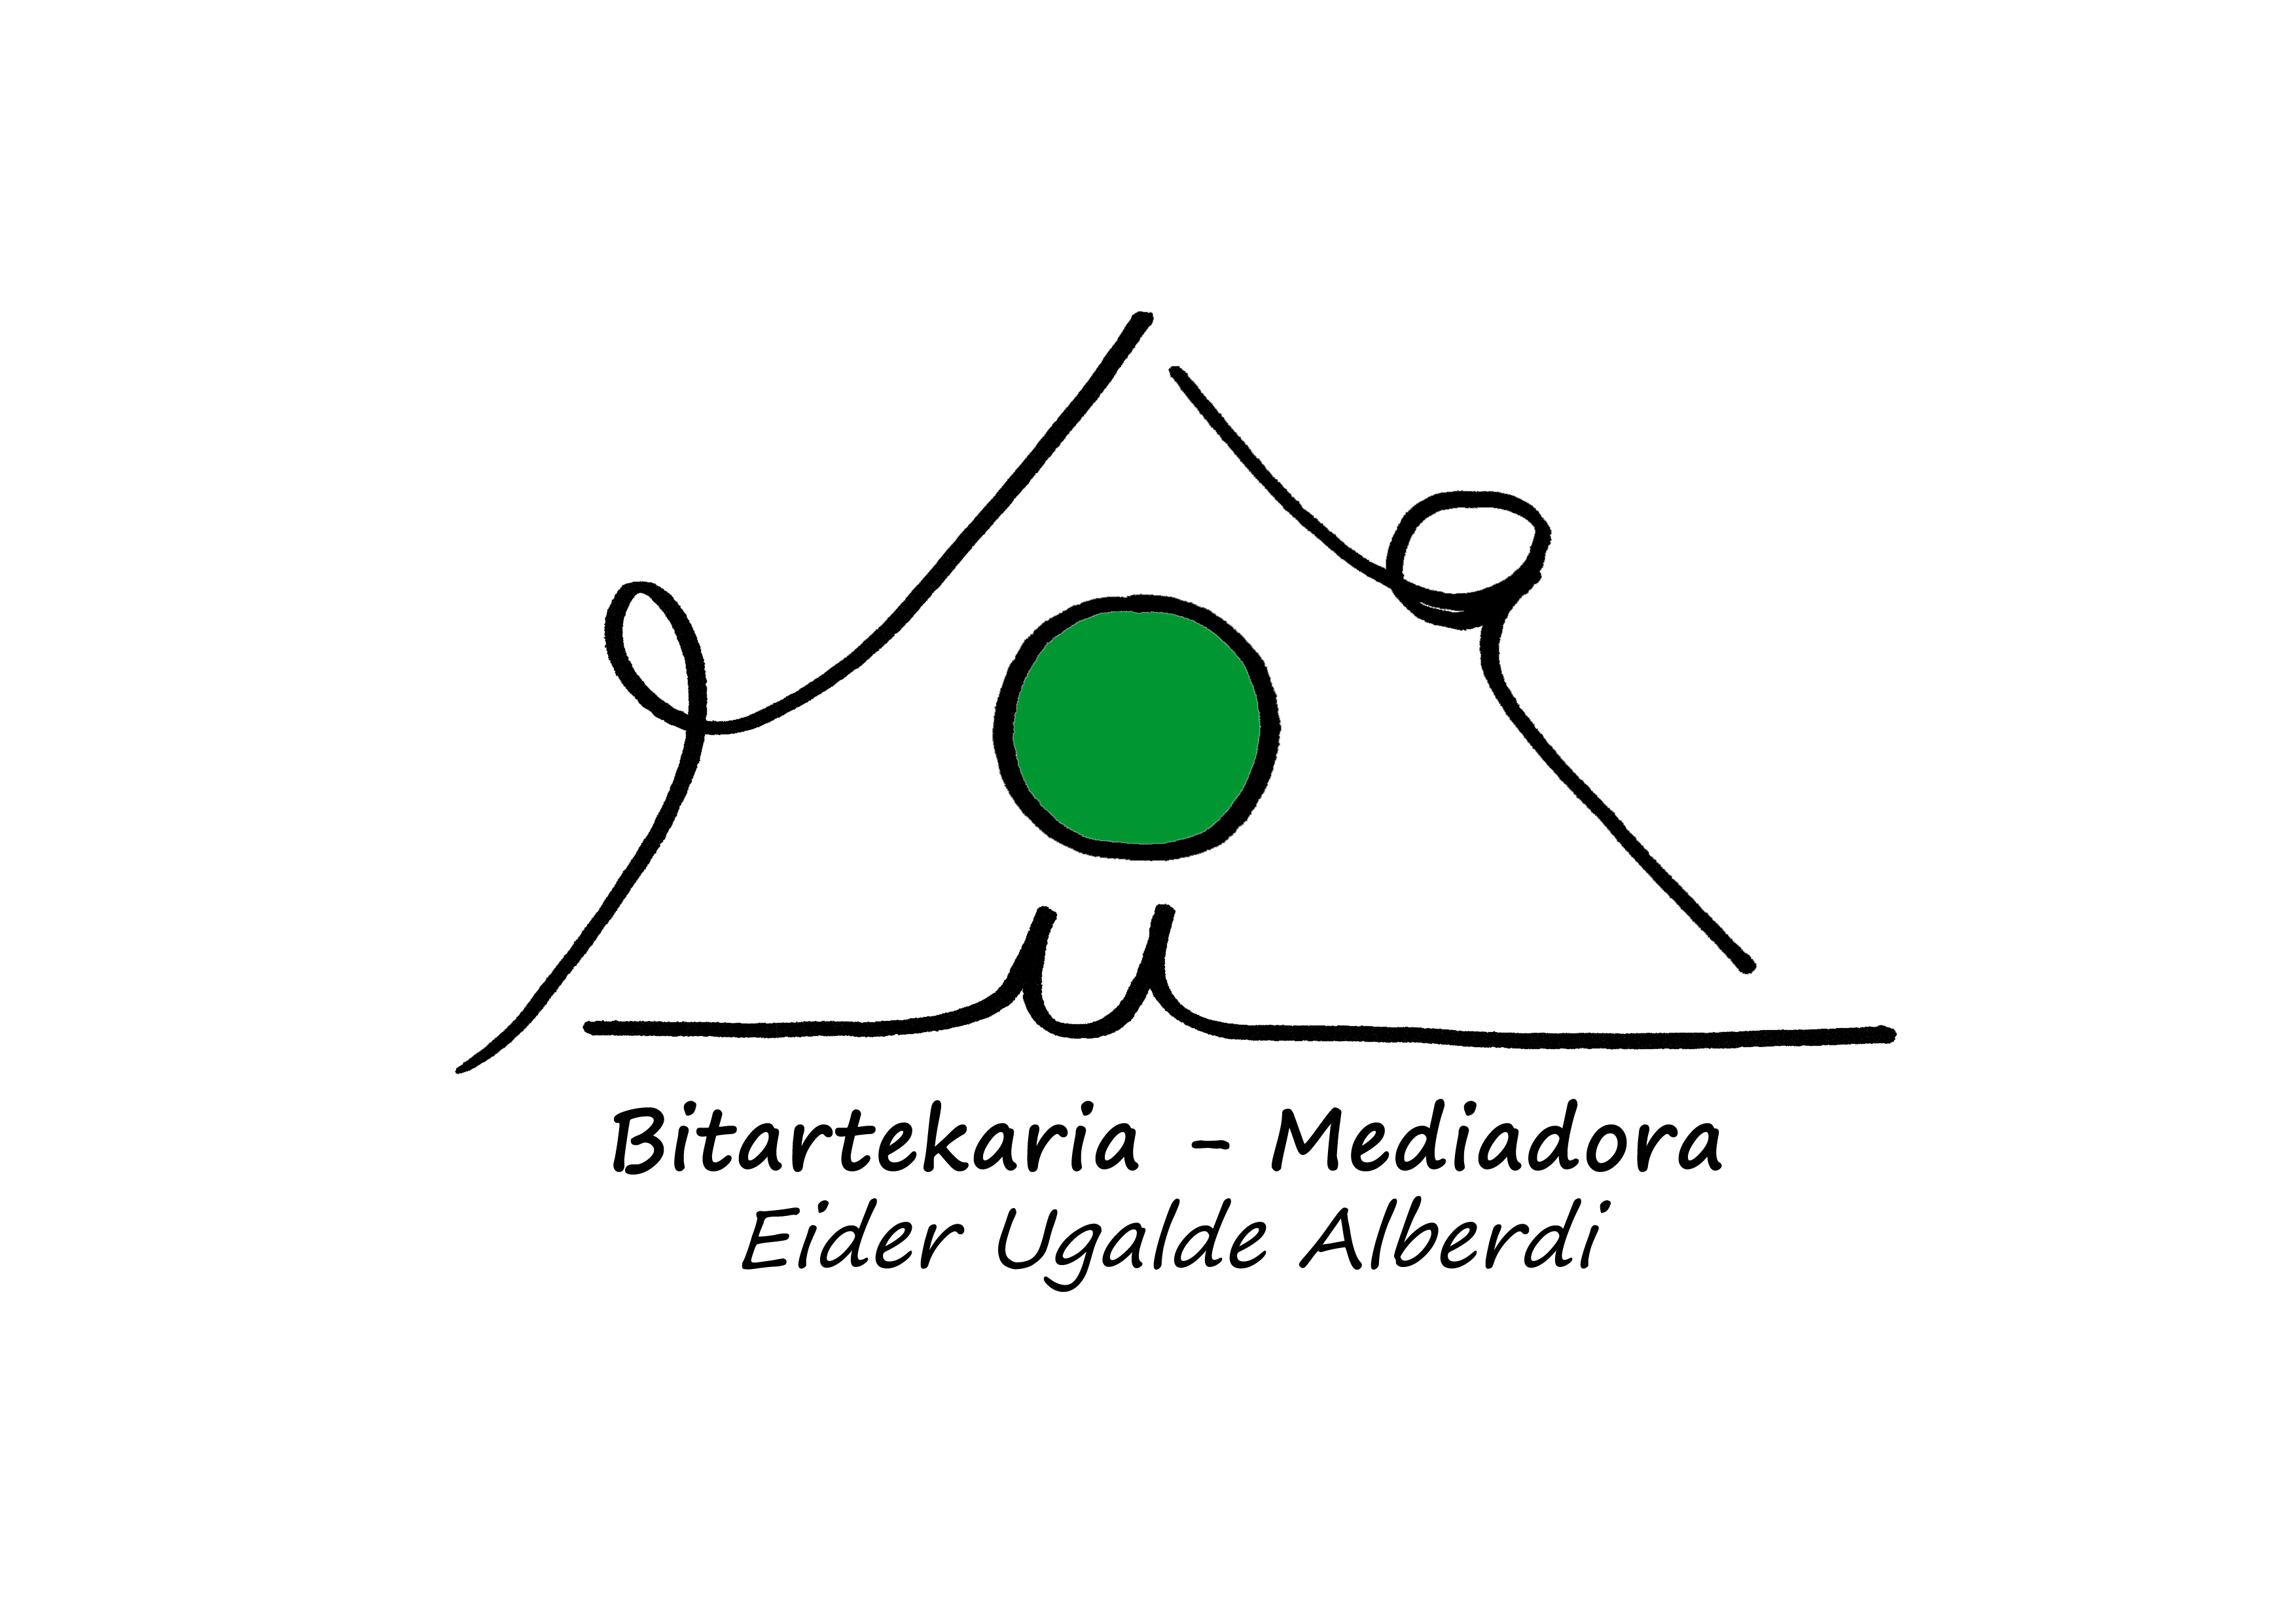 Bitartekaria-Mediadora